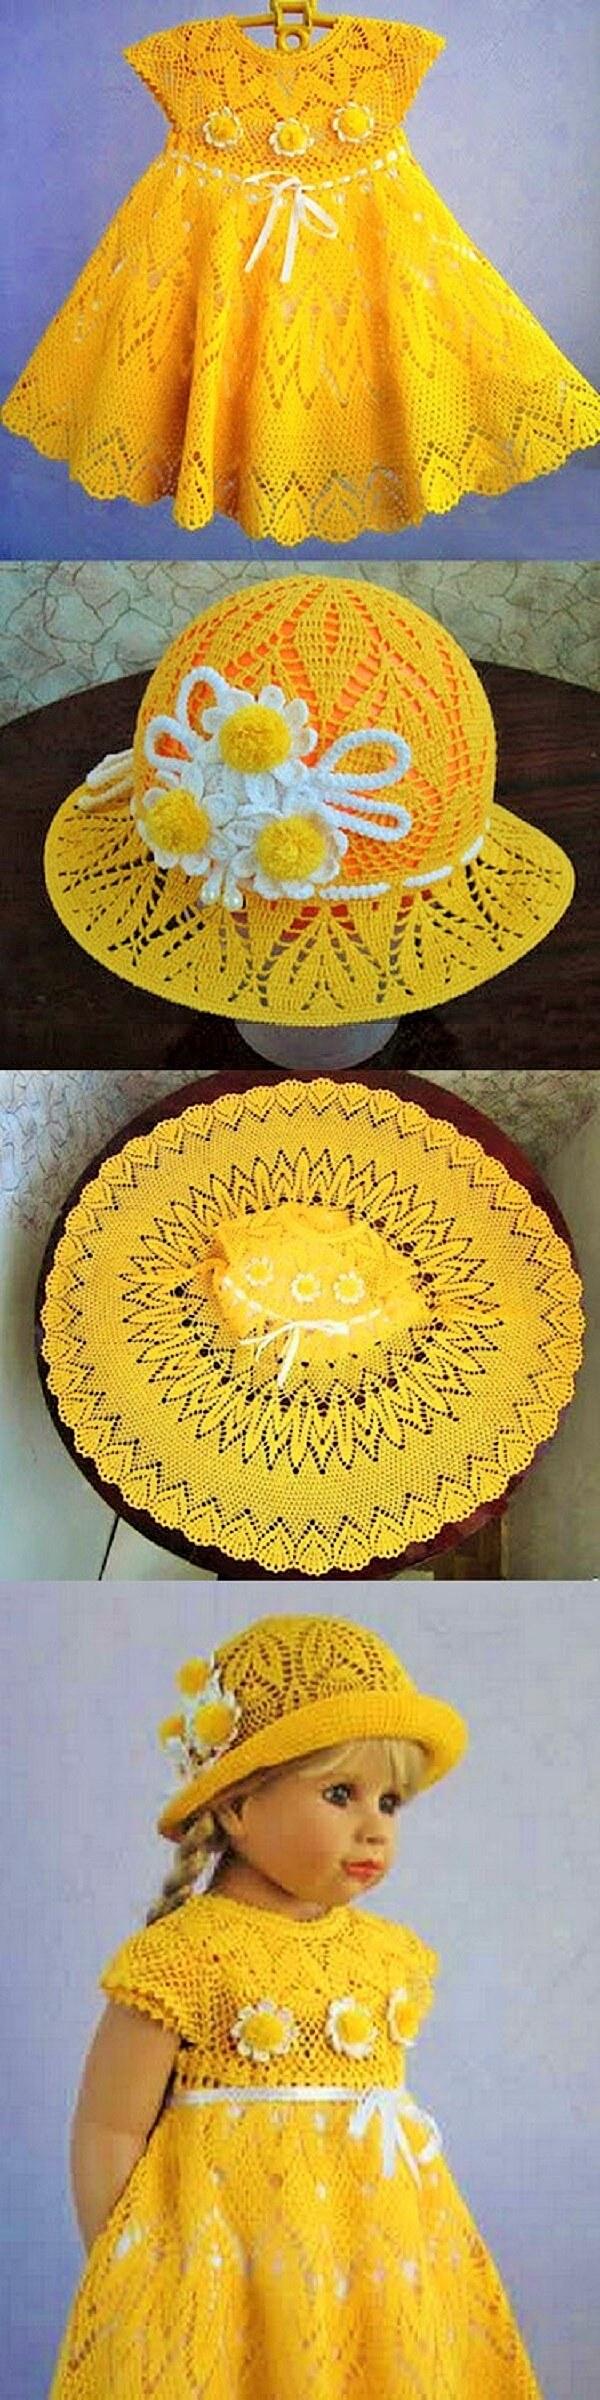 Baby-dress-children-yellow-crochet-ideas (2)